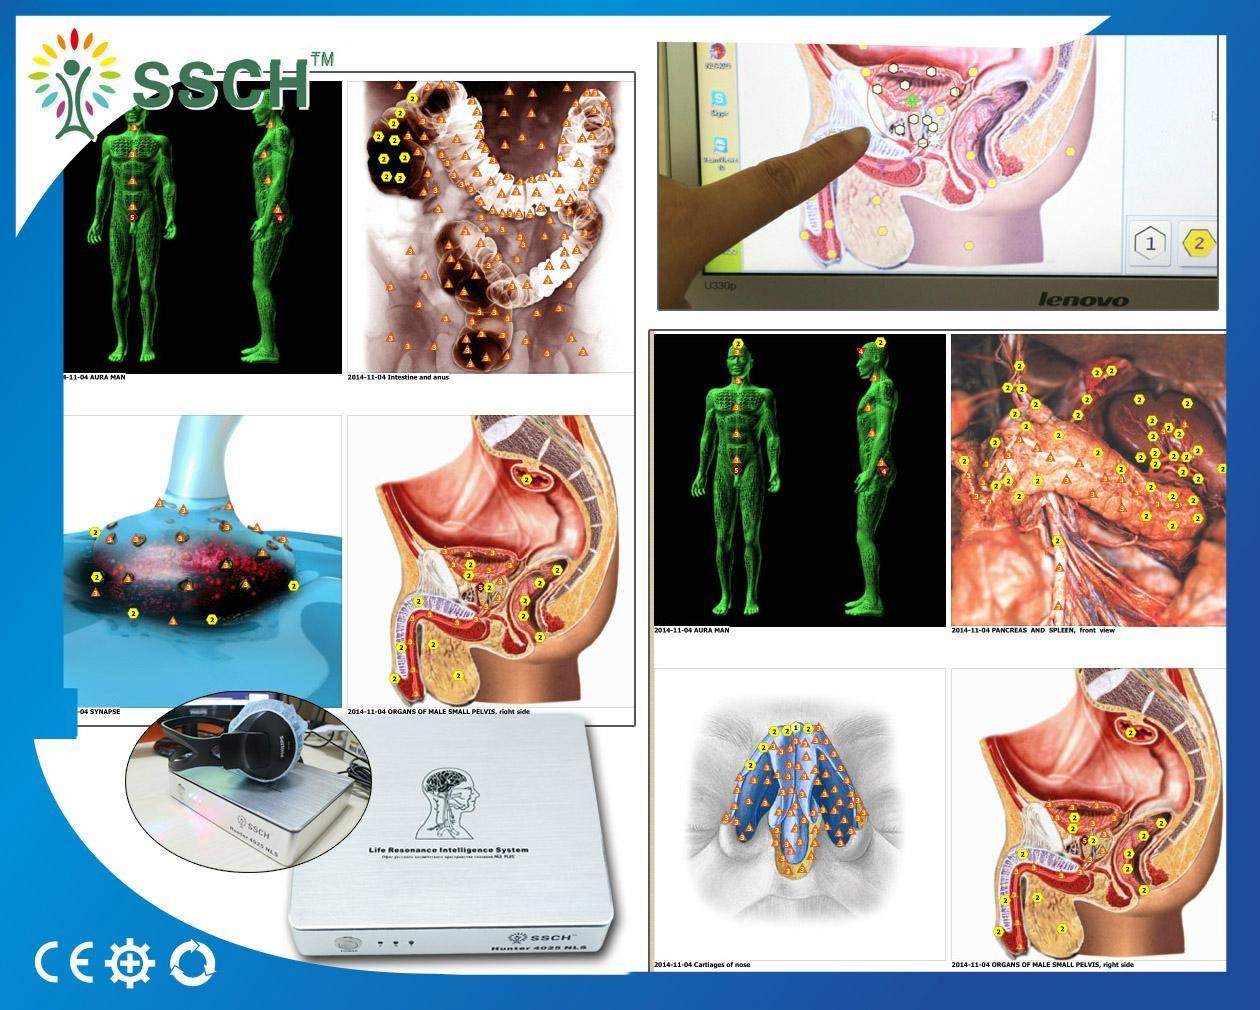 高精度NLS Metranon4025亨特临床医疗设备的智能自动全身健康设备 1